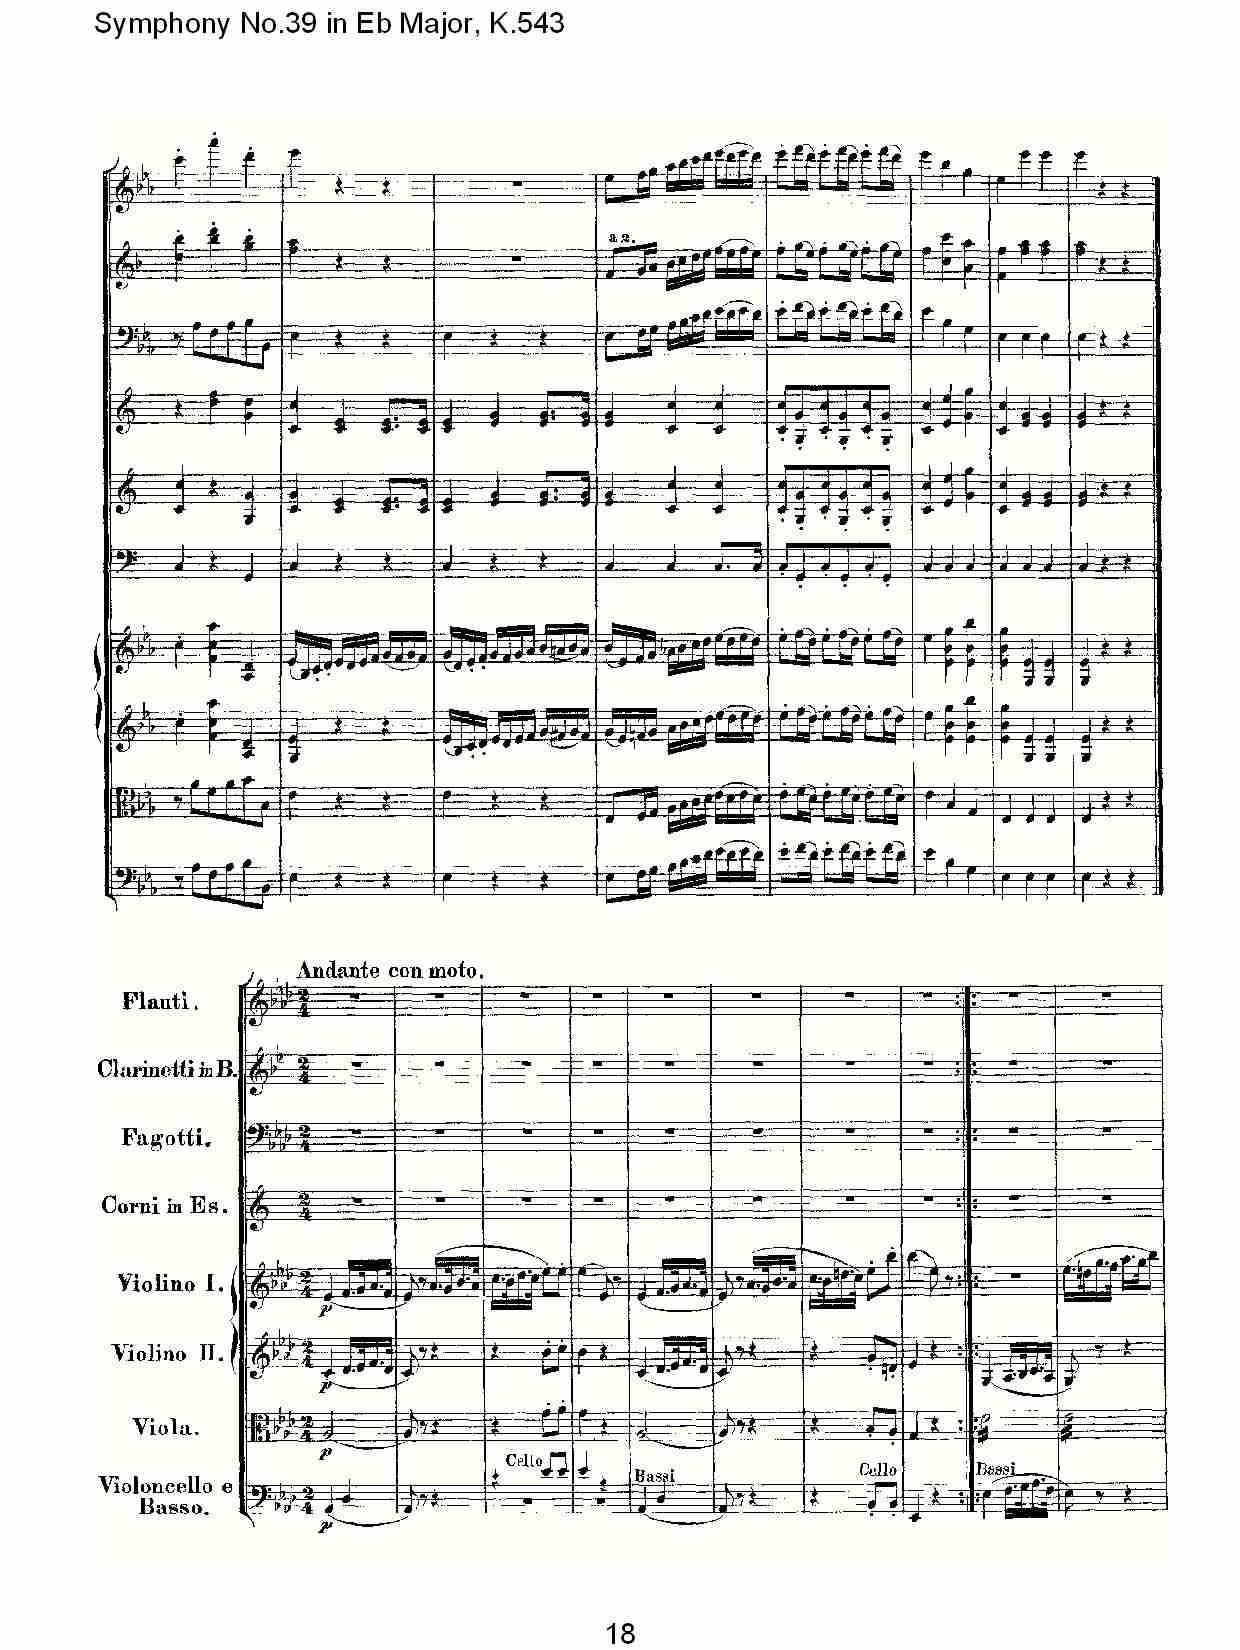 狮子山下交响乐总谱-b大调第三十九交响曲K.543 四